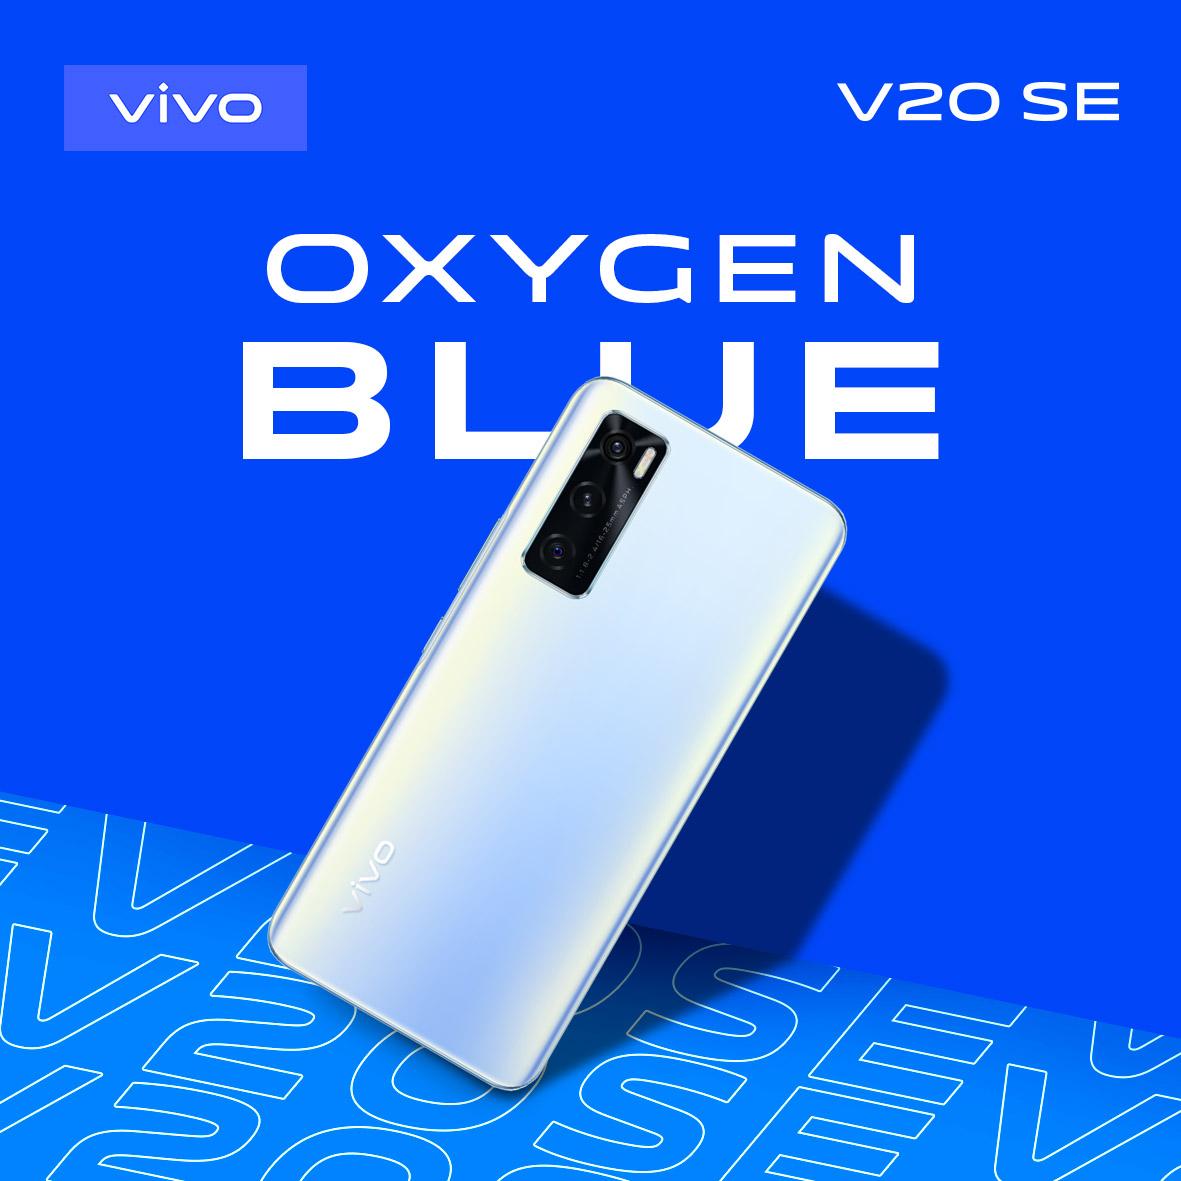 vivo V20 SE热销的背后:把设计和自拍优势发挥到极致 3